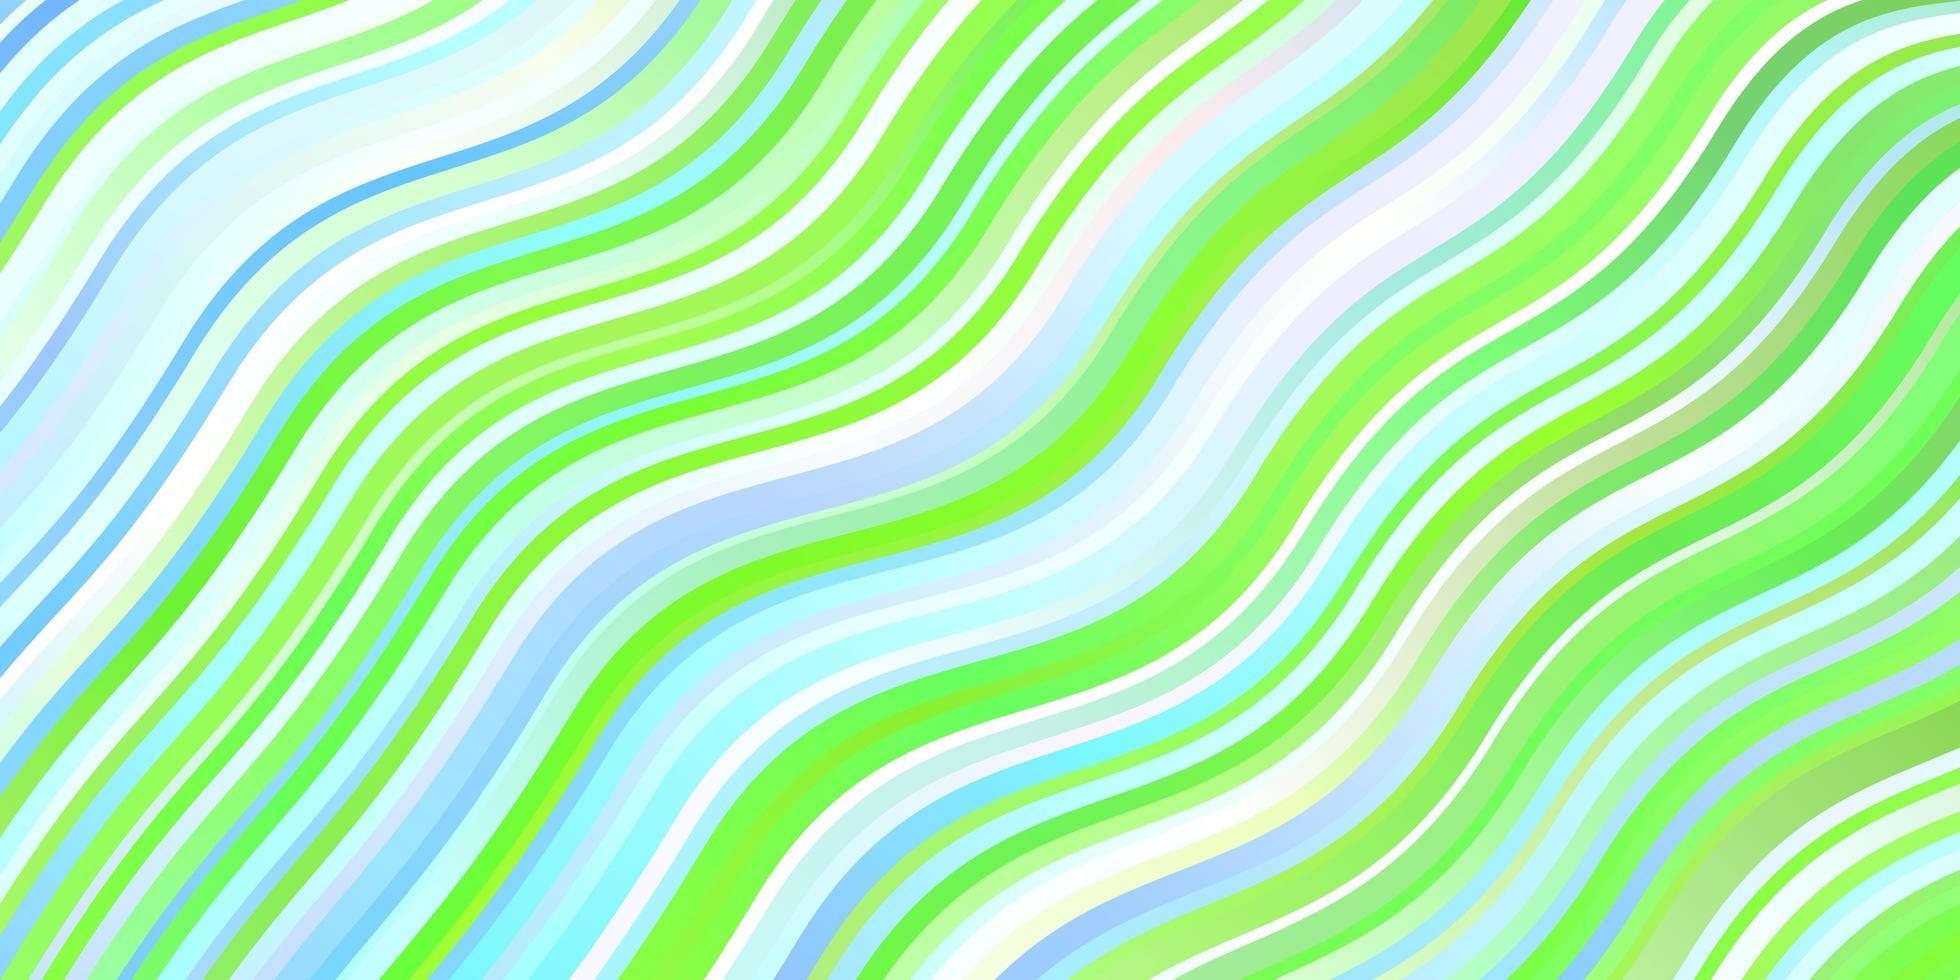 pano de fundo vector azul e verde claro com curvas.